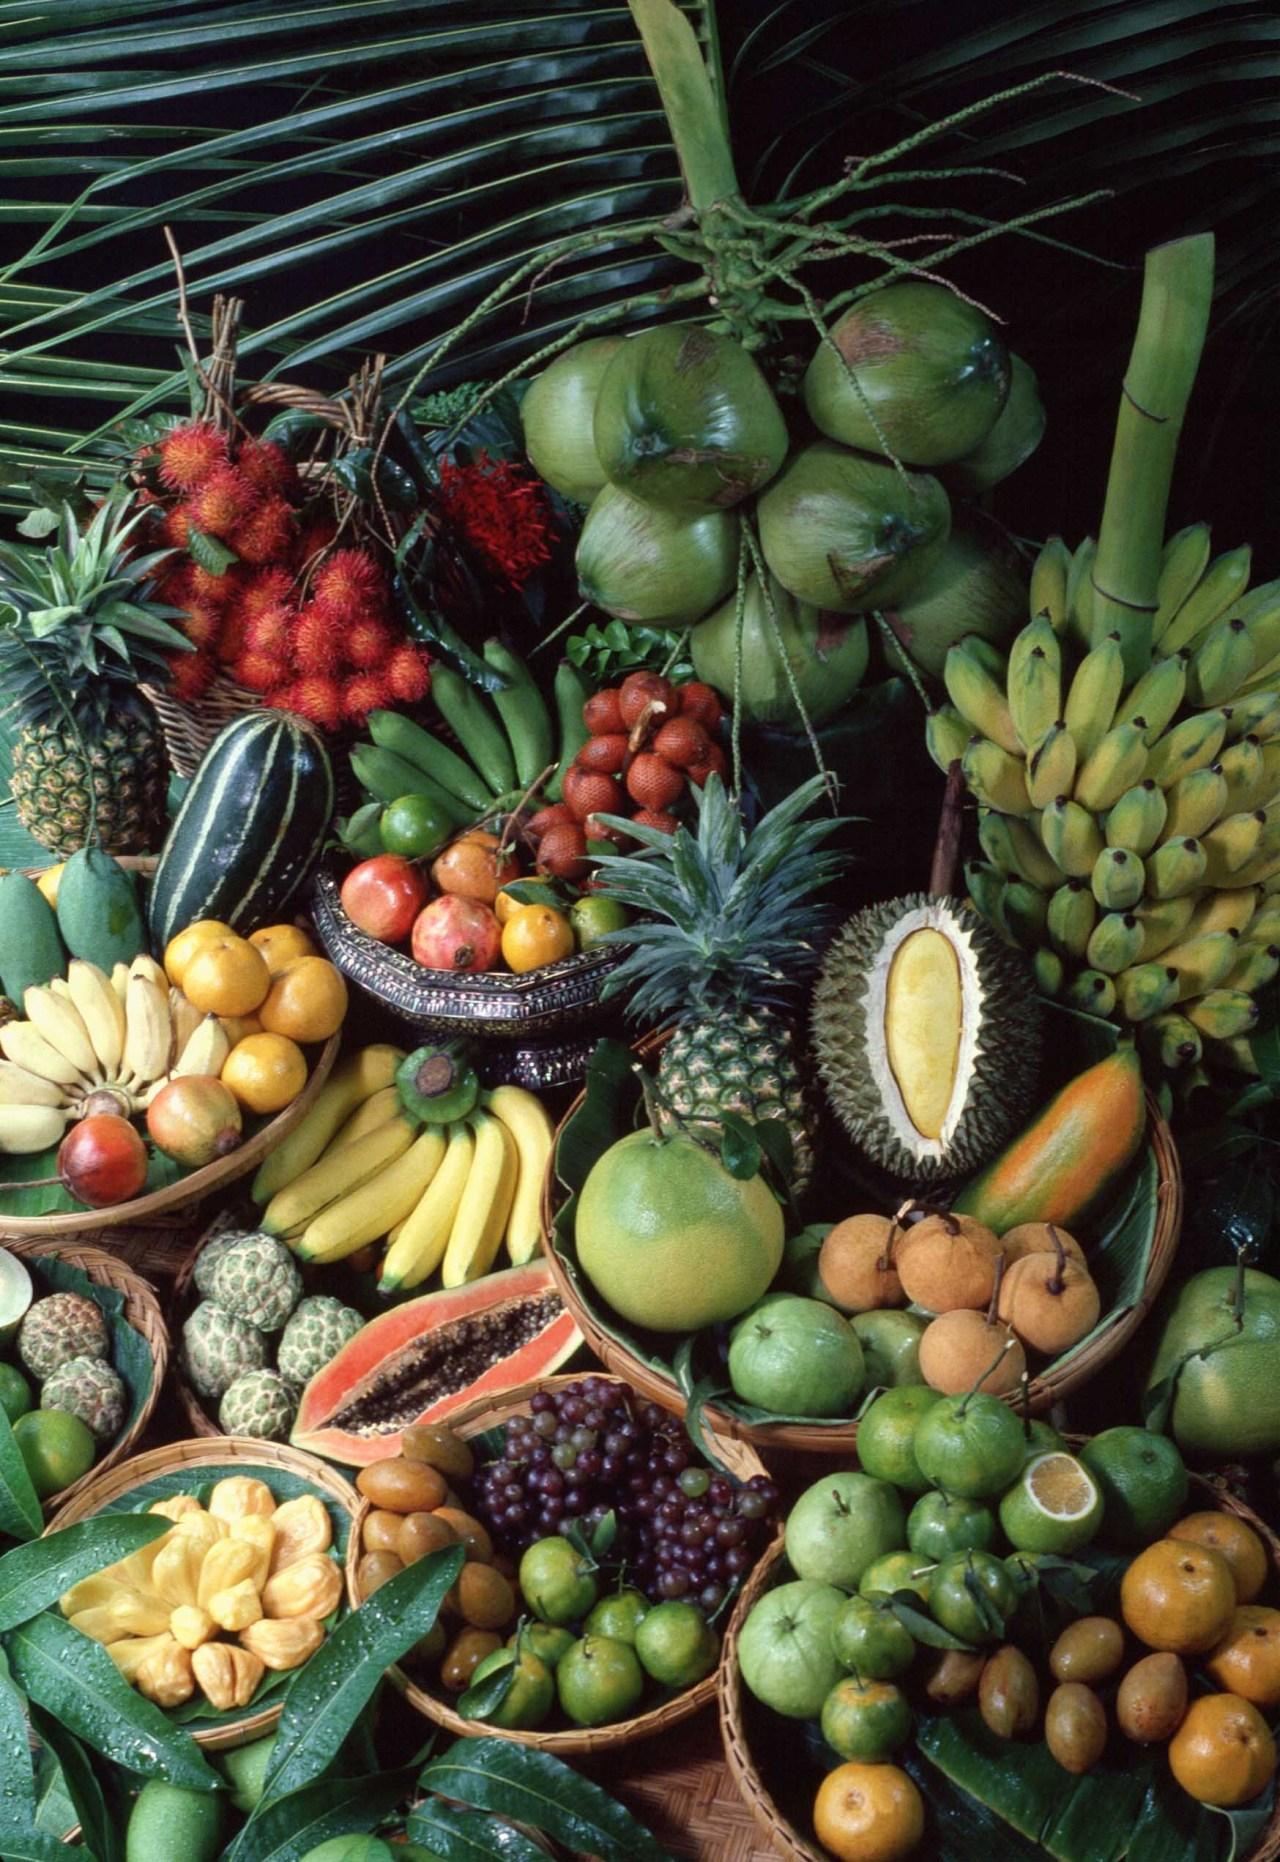 Volim voće - Page 24 Tumblr_n5f3hluB9X1s4eggto1_1280